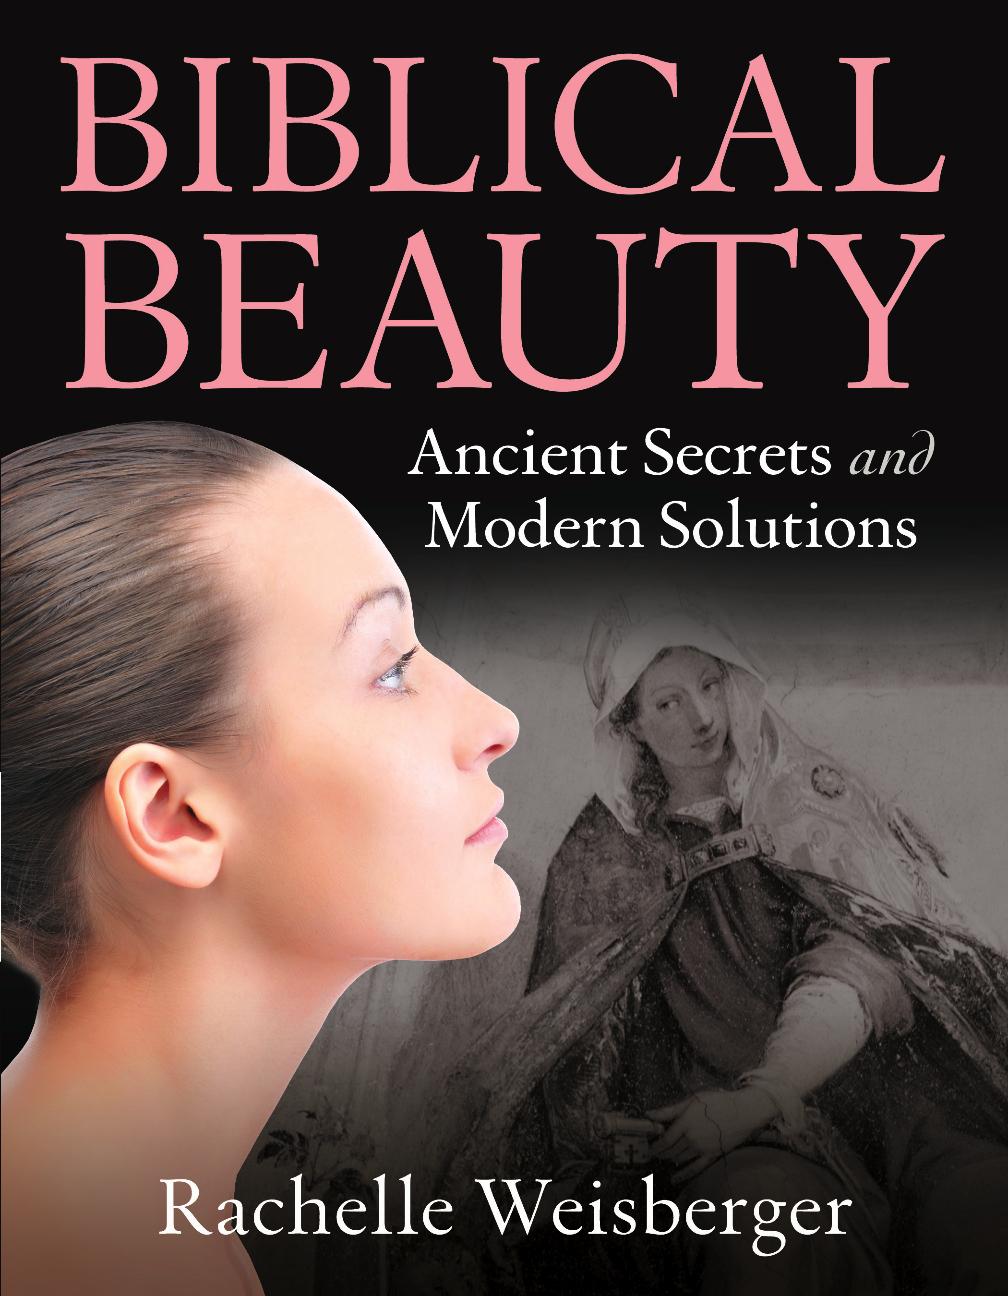 Biblical Beauty by Rachelle Weisberger: Book Review #biblebeautylady